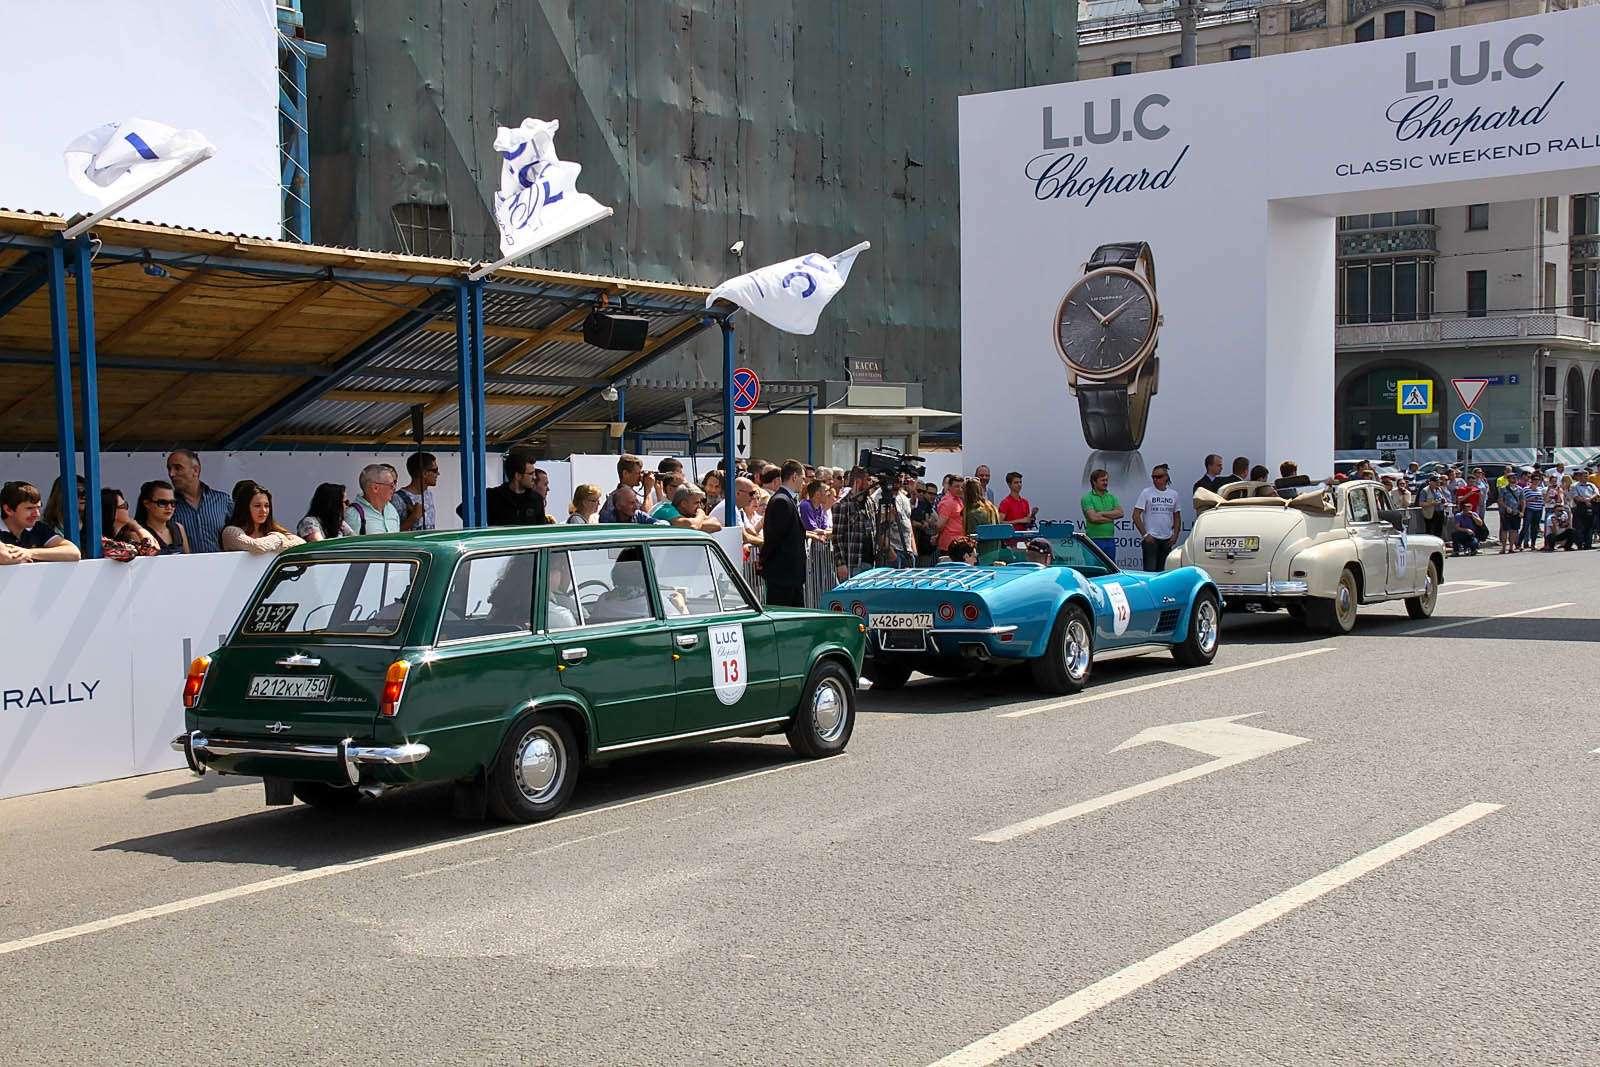 L.U.C Chopard Classic Weekend Rally: эмоции сналетом старины— фото 595949